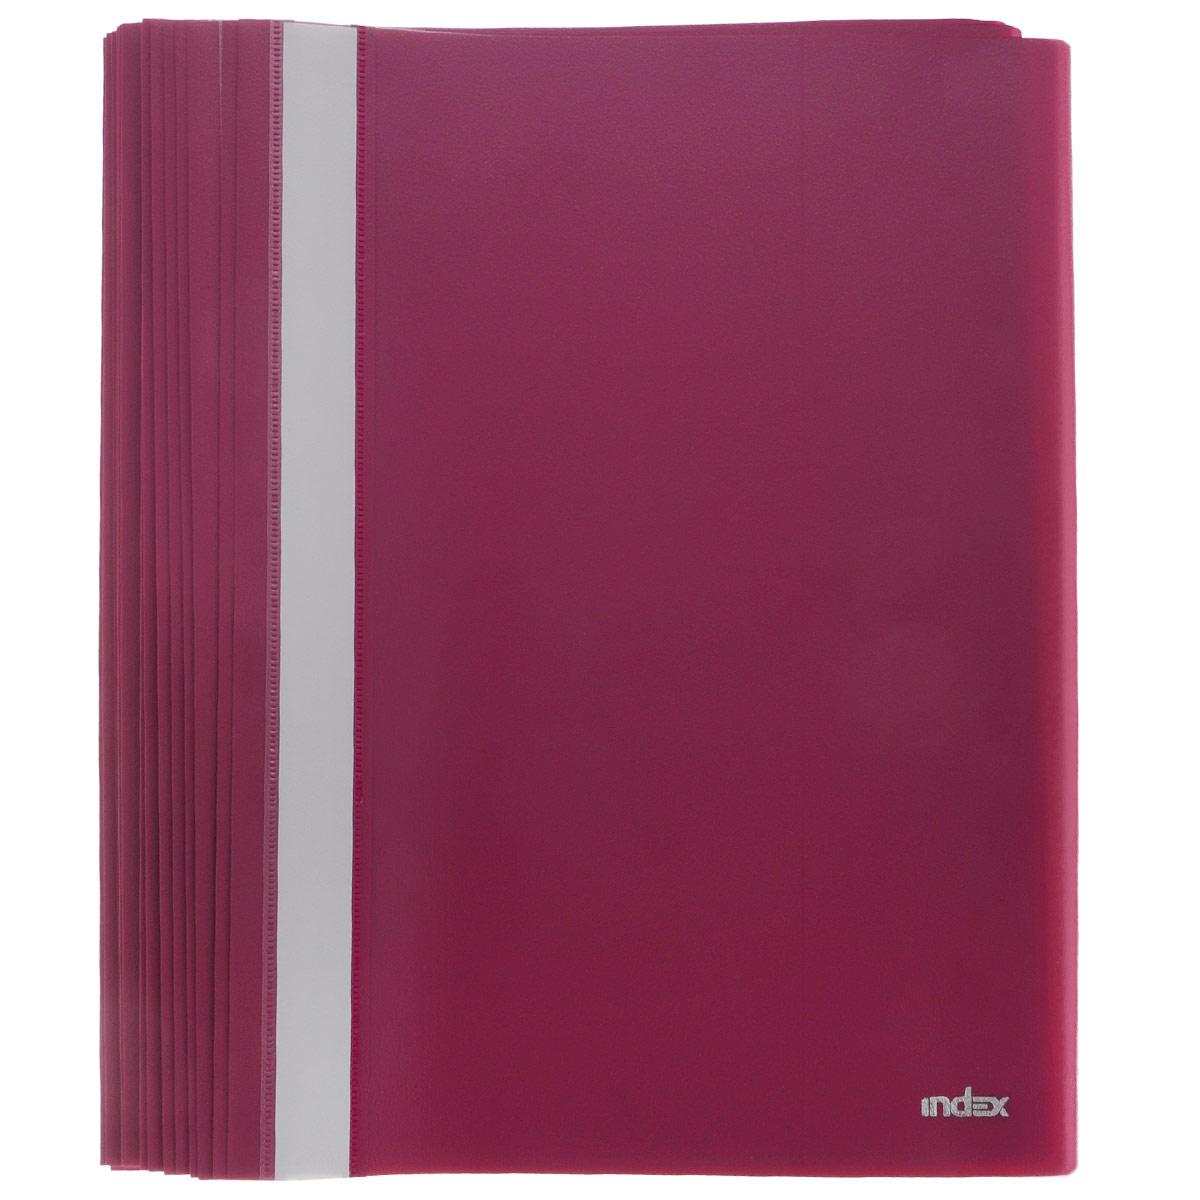 Папка-скоросшиватель Index, цвет: бордовый. Формат А4, 20 штI200/BGПапка-скоросшиватель Index, изготовленная из высококачественного полипропилена, это удобный и практичный офисный инструмент, предназначенный для хранения и транспортировки рабочих бумаг и документов формата А4. Папка оснащена верхним прозрачным матовым листом и металлическим зажимом внутри для надежного удержания бумаг. В наборе - 20 папок.Папка-скоросшиватель - это незаменимый атрибут для студента, школьника, офисного работника. Такая папка надежно сохранит ваши документы и сбережет их от повреждений, пыли и влаги.Комплектация: 20 шт.